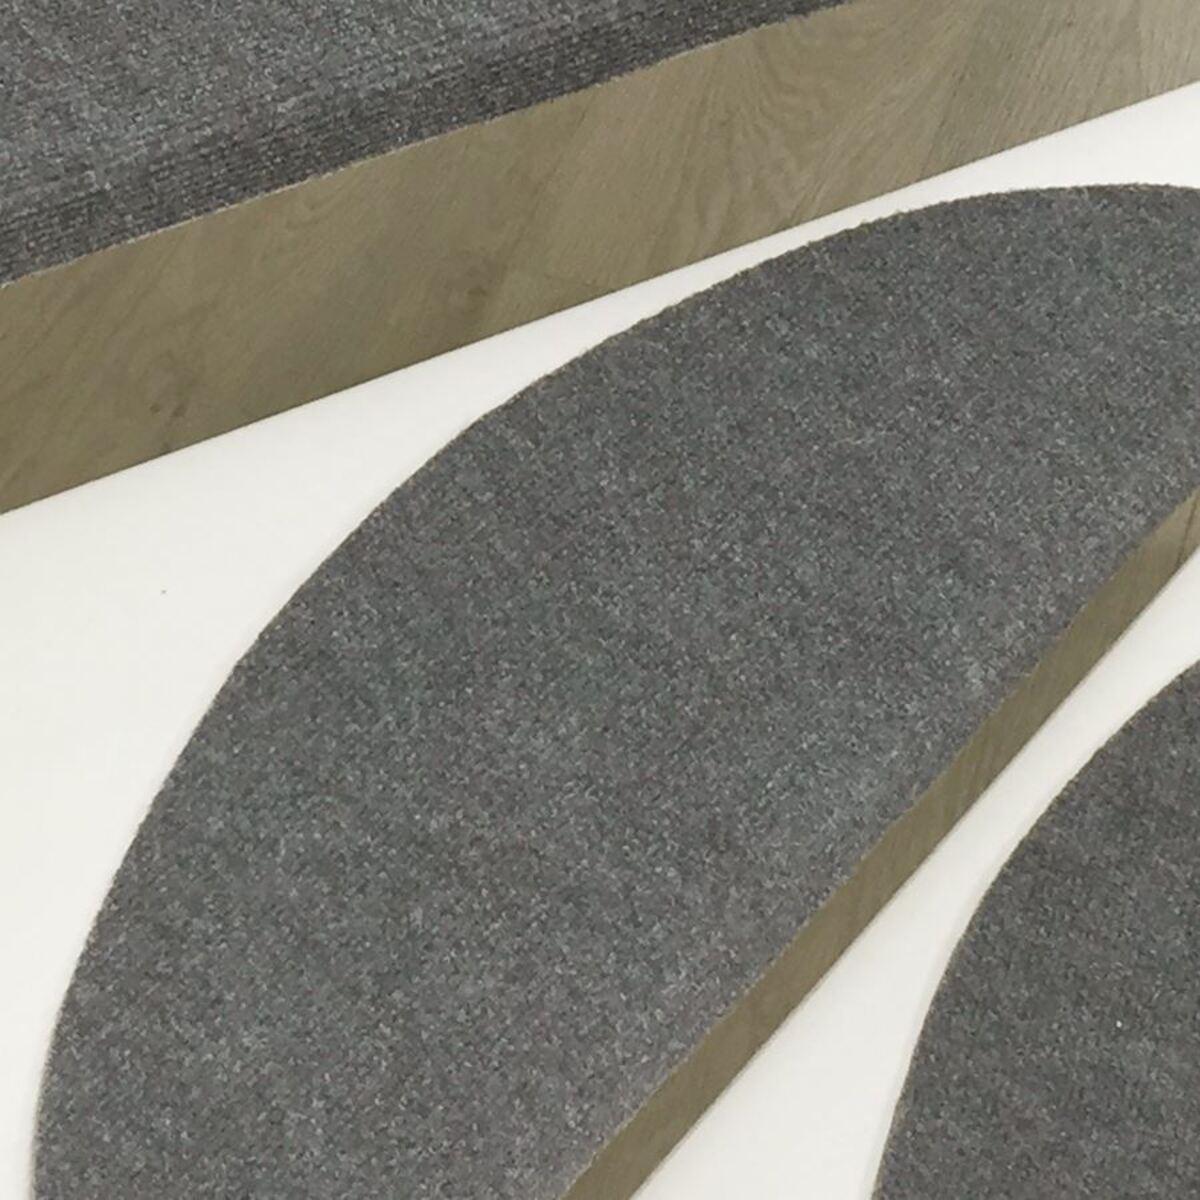 Bild 2 von Stufenmatten-Set Grau-Meliert 15-teilig